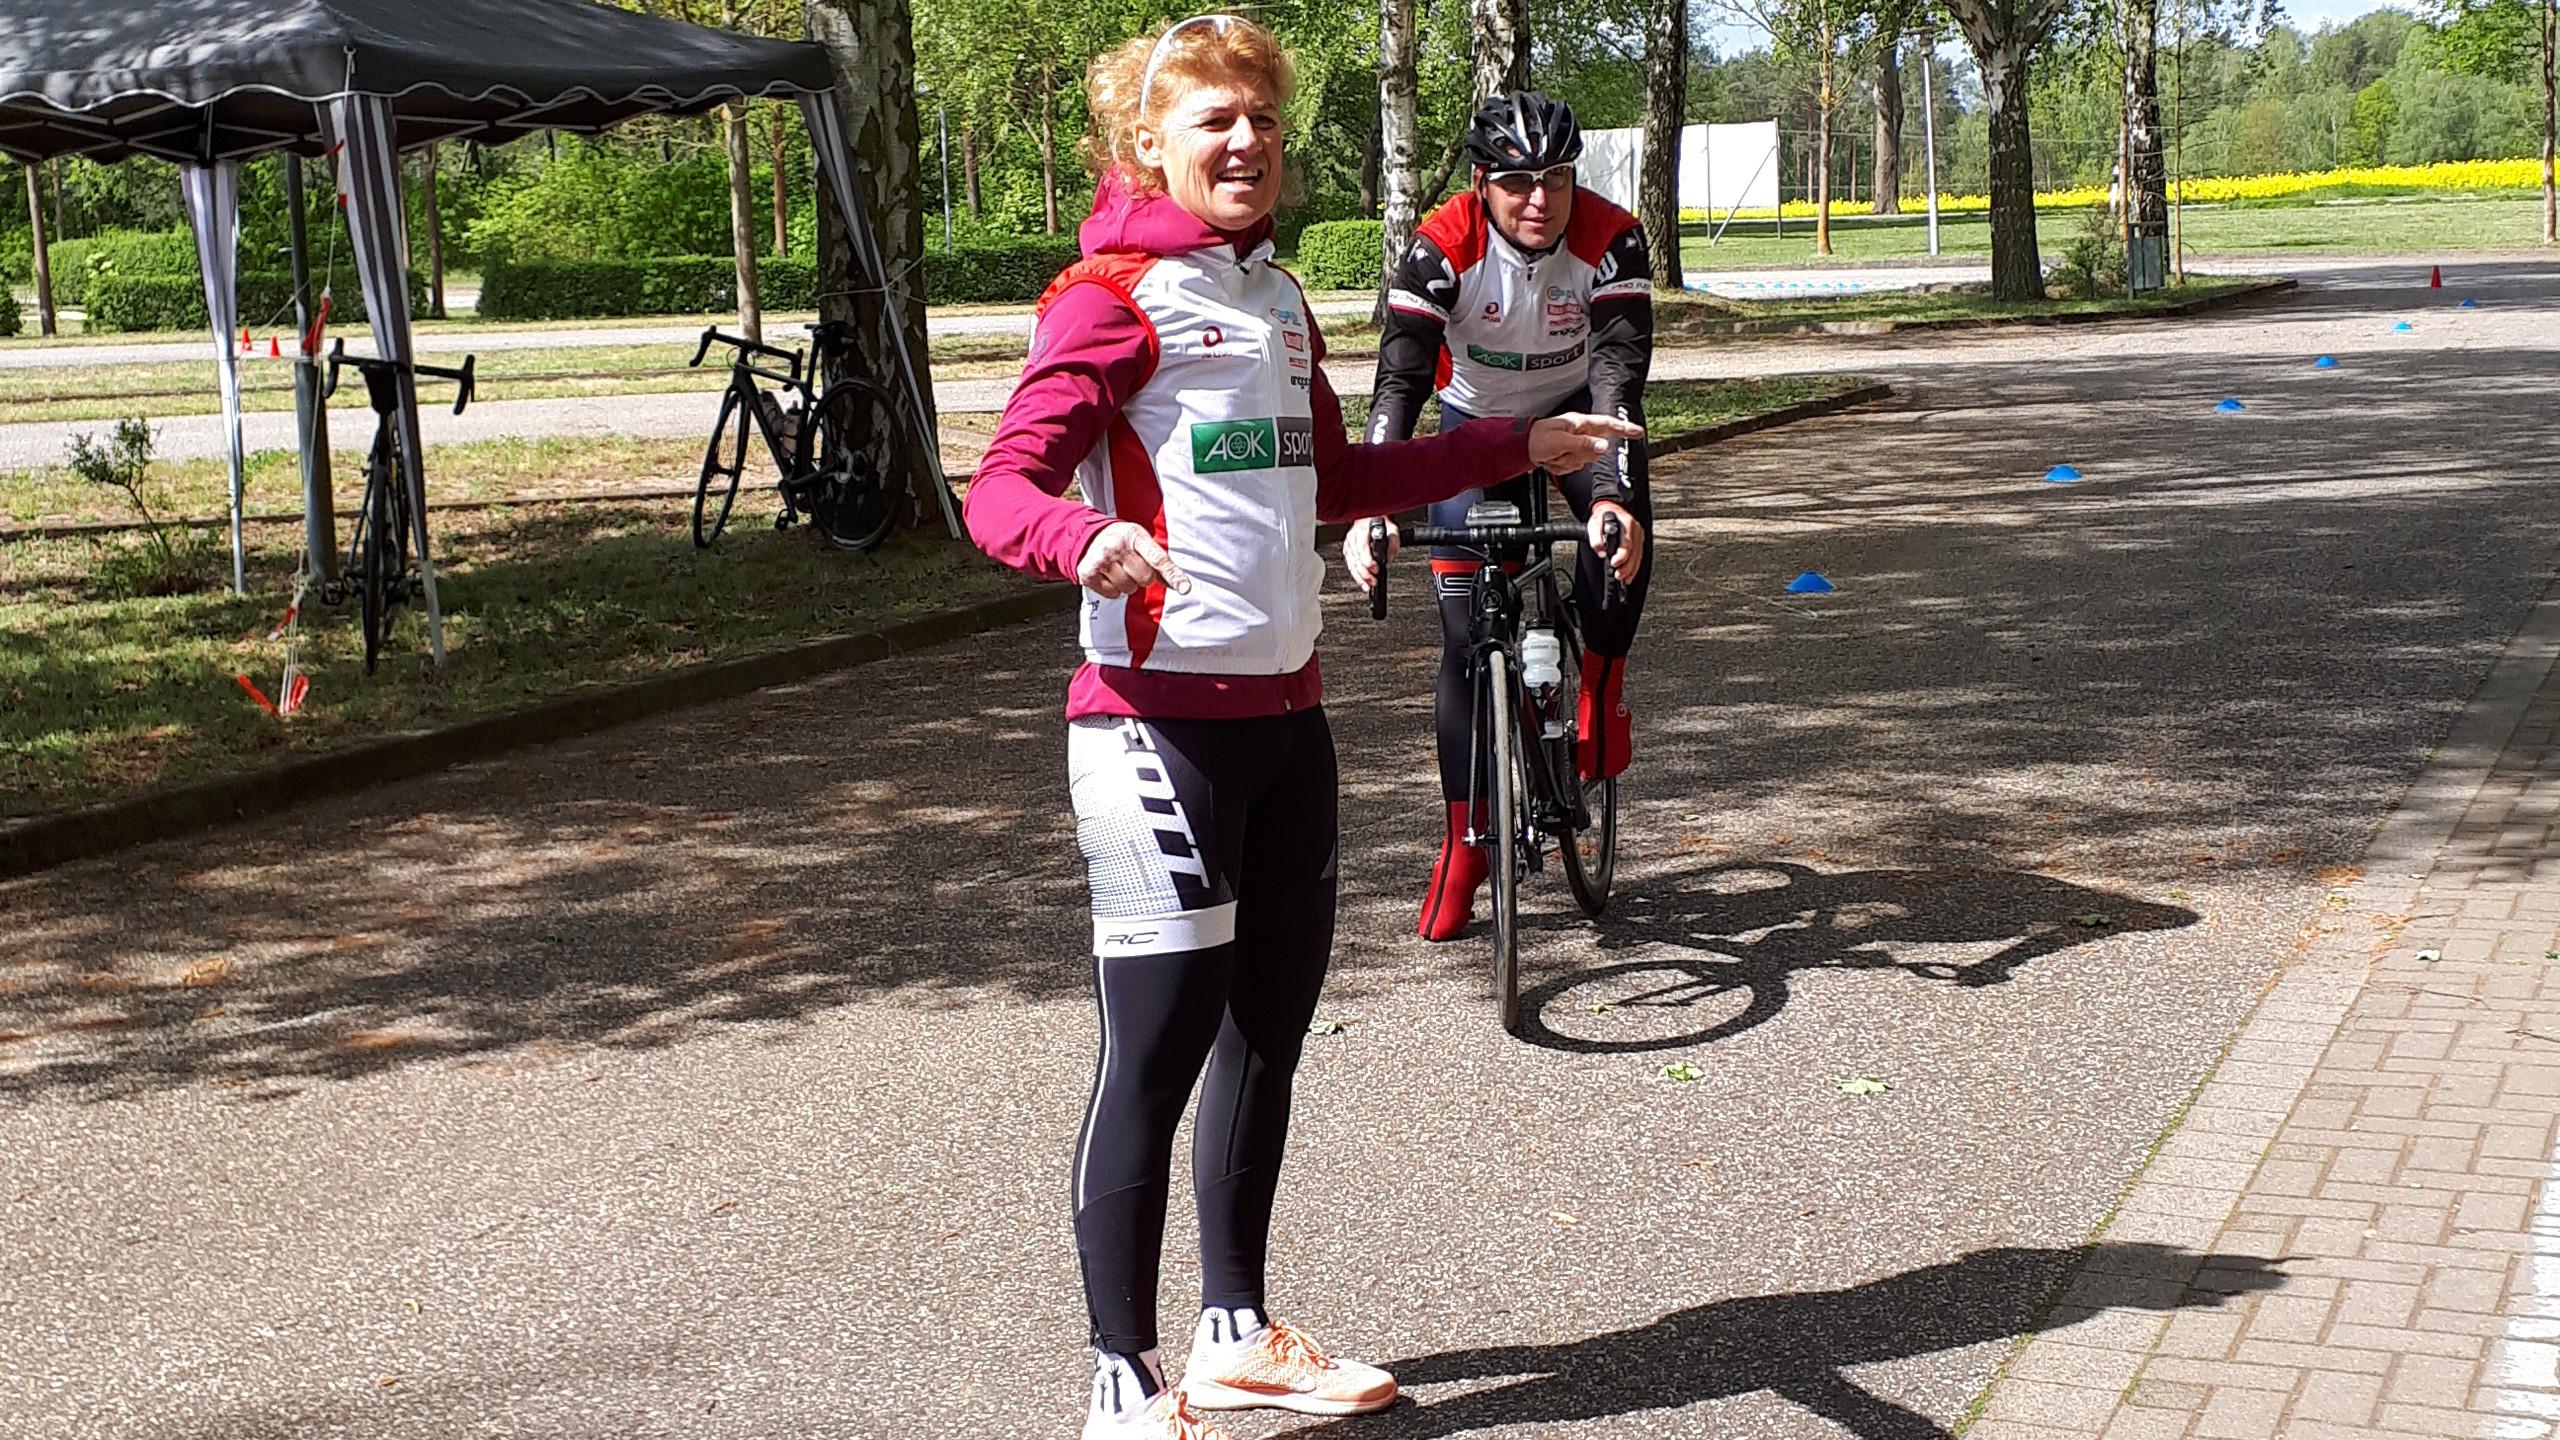 AOK Womens Bike Camp